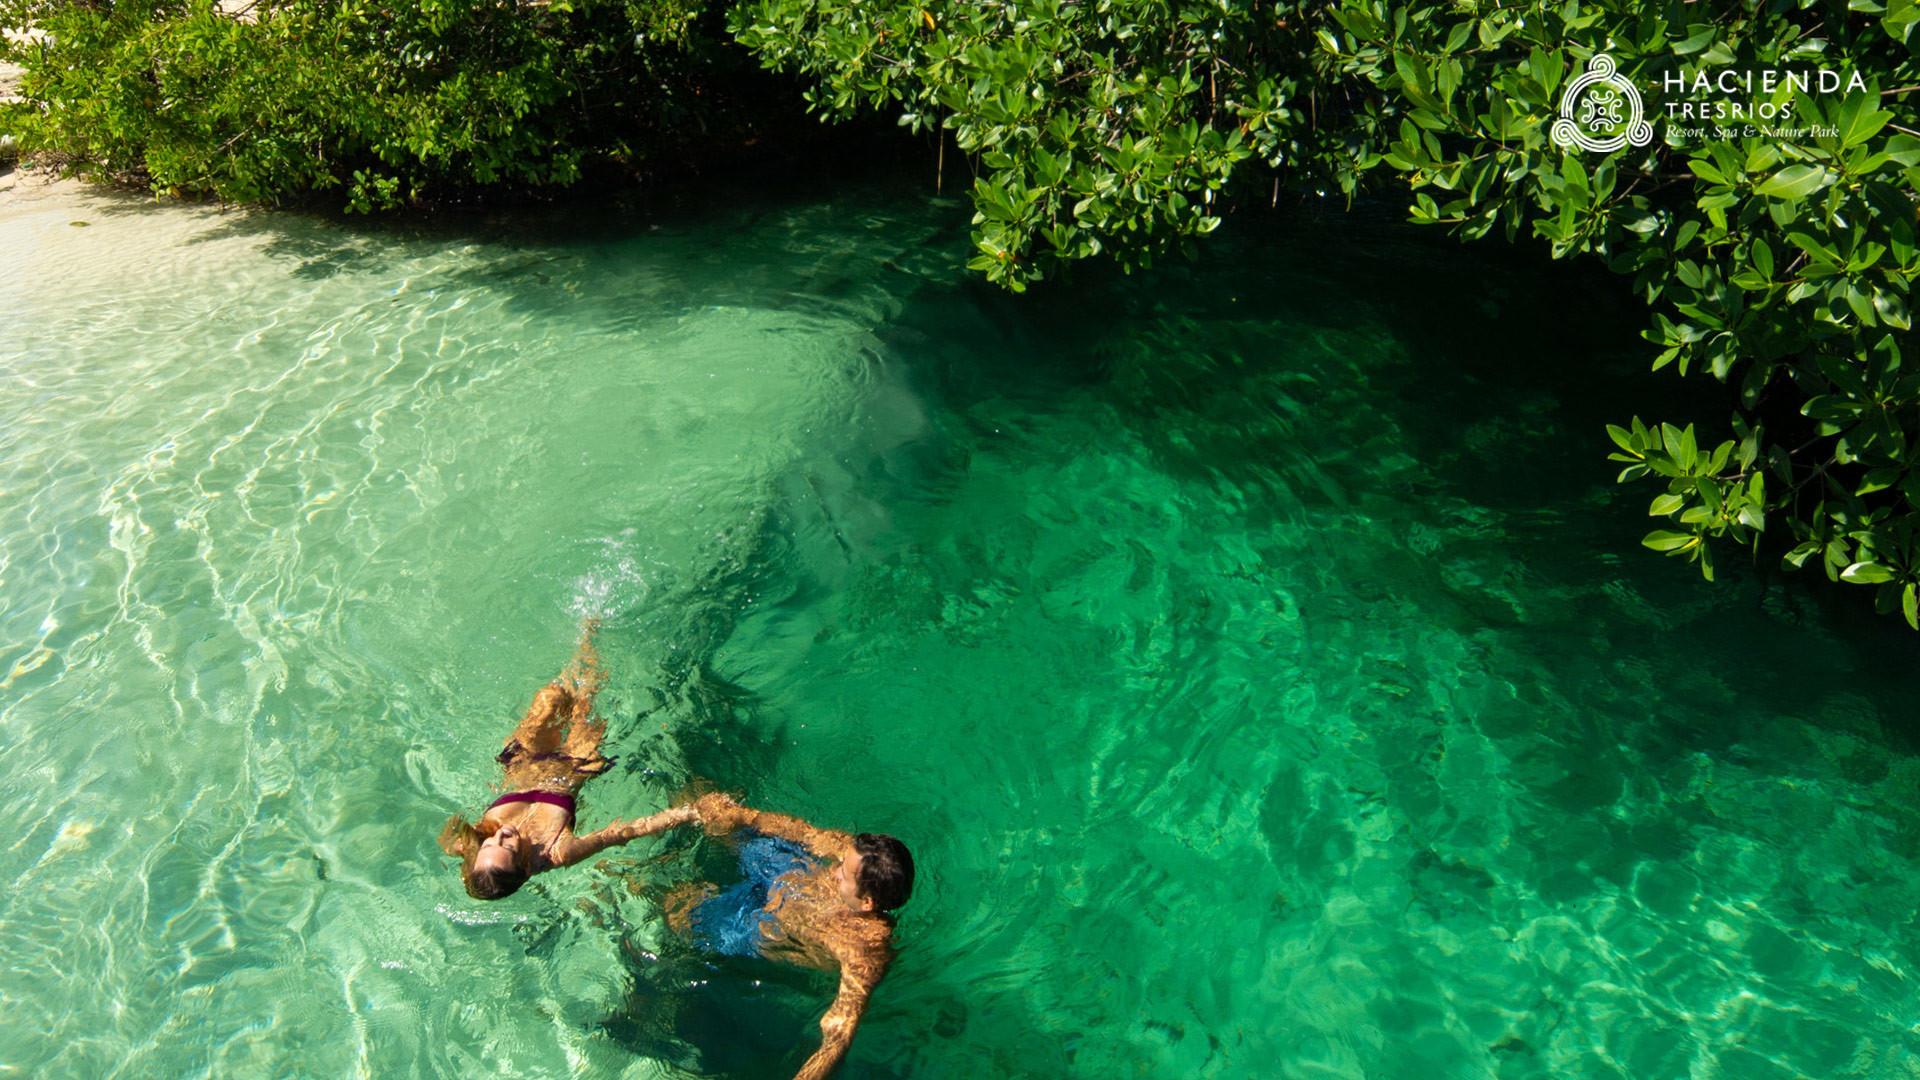 Cenote Hacienda Tres Rios